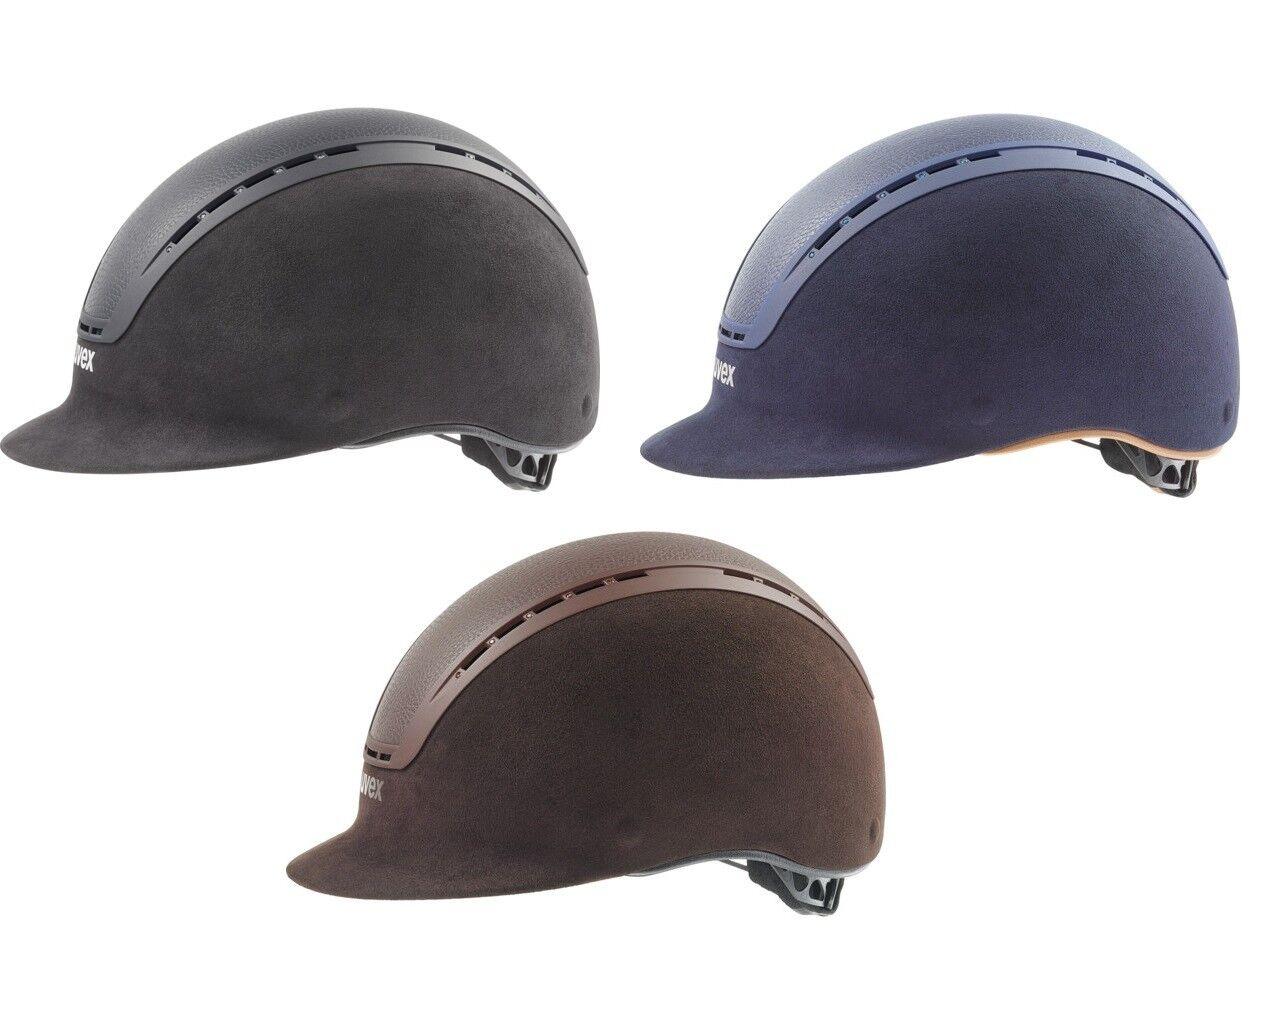 Uvex Casco De Equitación Sombrero Ajustable De Lujo suxxeed kitevg 1 Negro azul marrón XXS-L